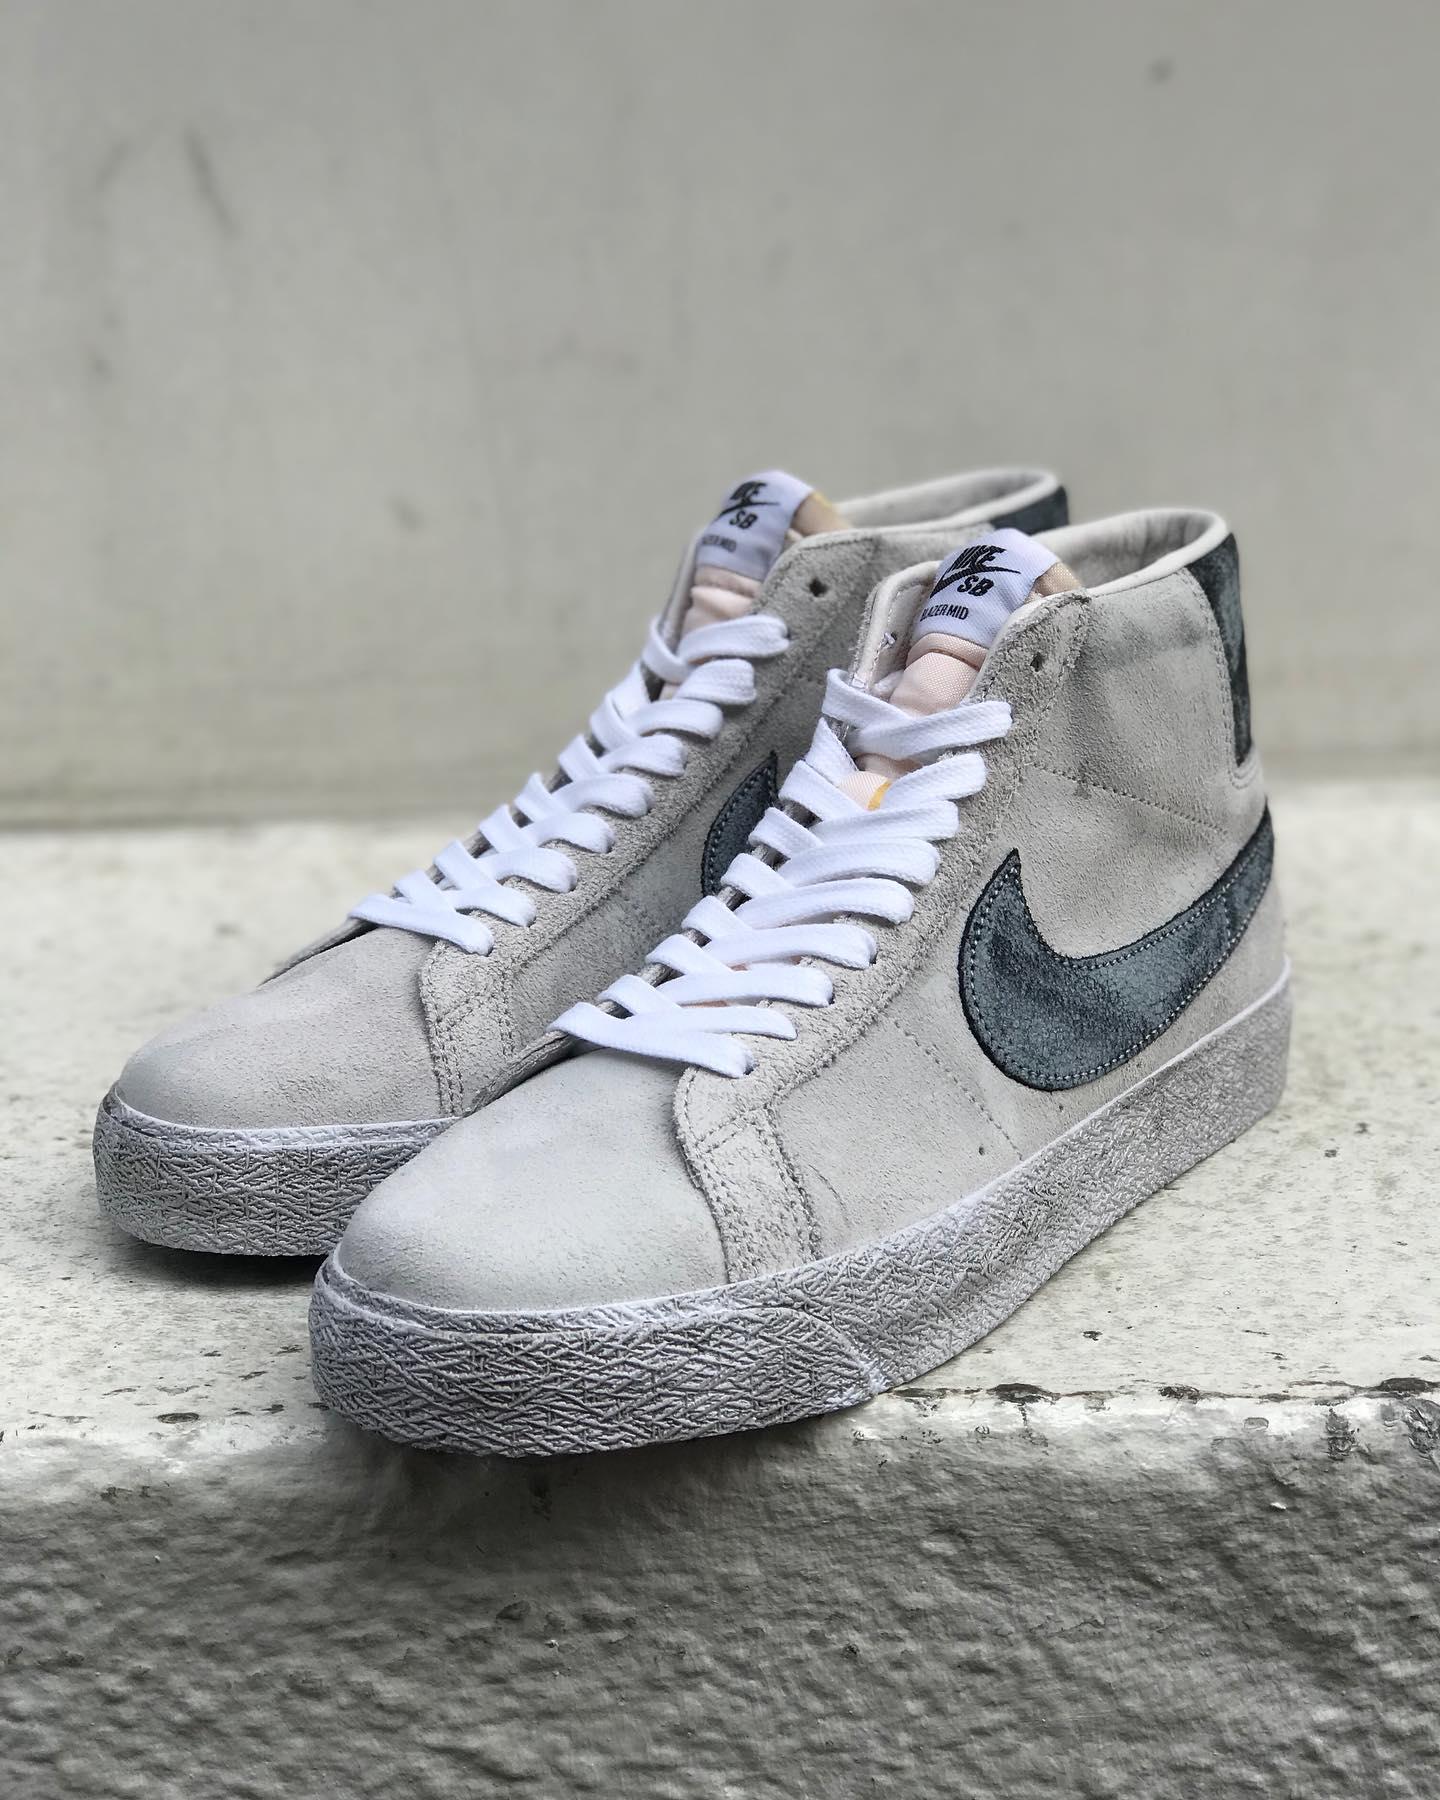 @nikesb Nike SB / Zoom Blazer Mid PremiumNikeの定番シューズBLAZERを現代のスケートボーダーのニーズに応えるモデルにアップデート。Zoom Airクッショニングと柔軟なラバーアウトソールが抜群の接地感とトラクションを実現しています。こちらは特別な素材や意匠を施されたプレミアムモデルで、特殊な加工がされたスエードは長年履いてきたスニーカーをイメージした仕上がりとなっております。